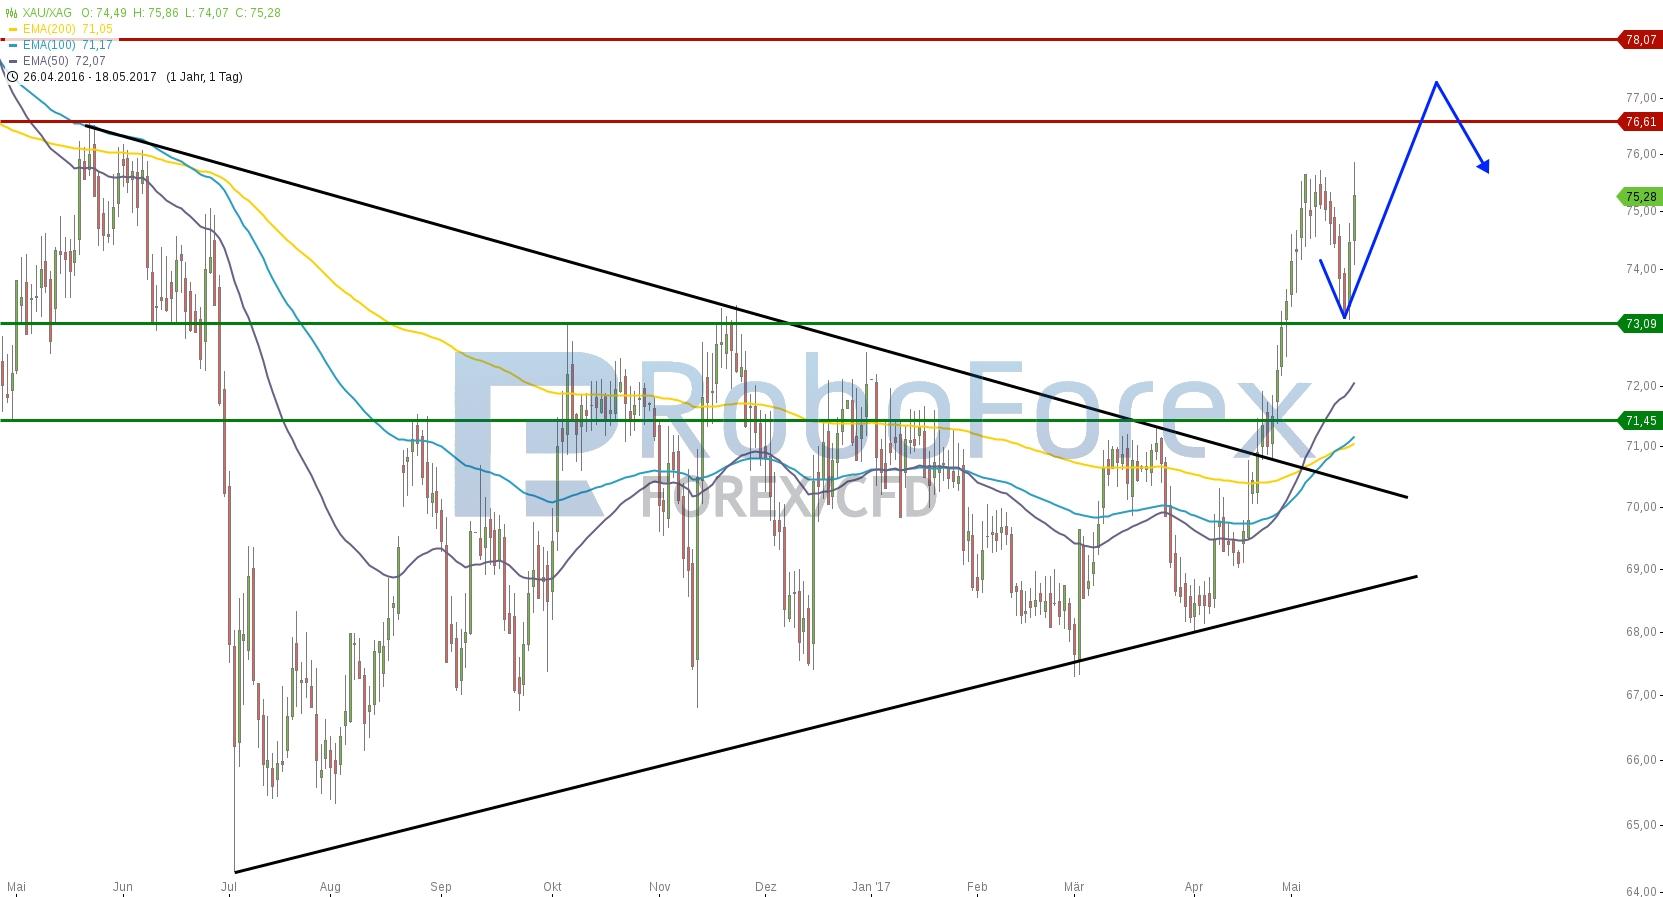 chart-18052017-1916-xauxag-roboforex.jpg